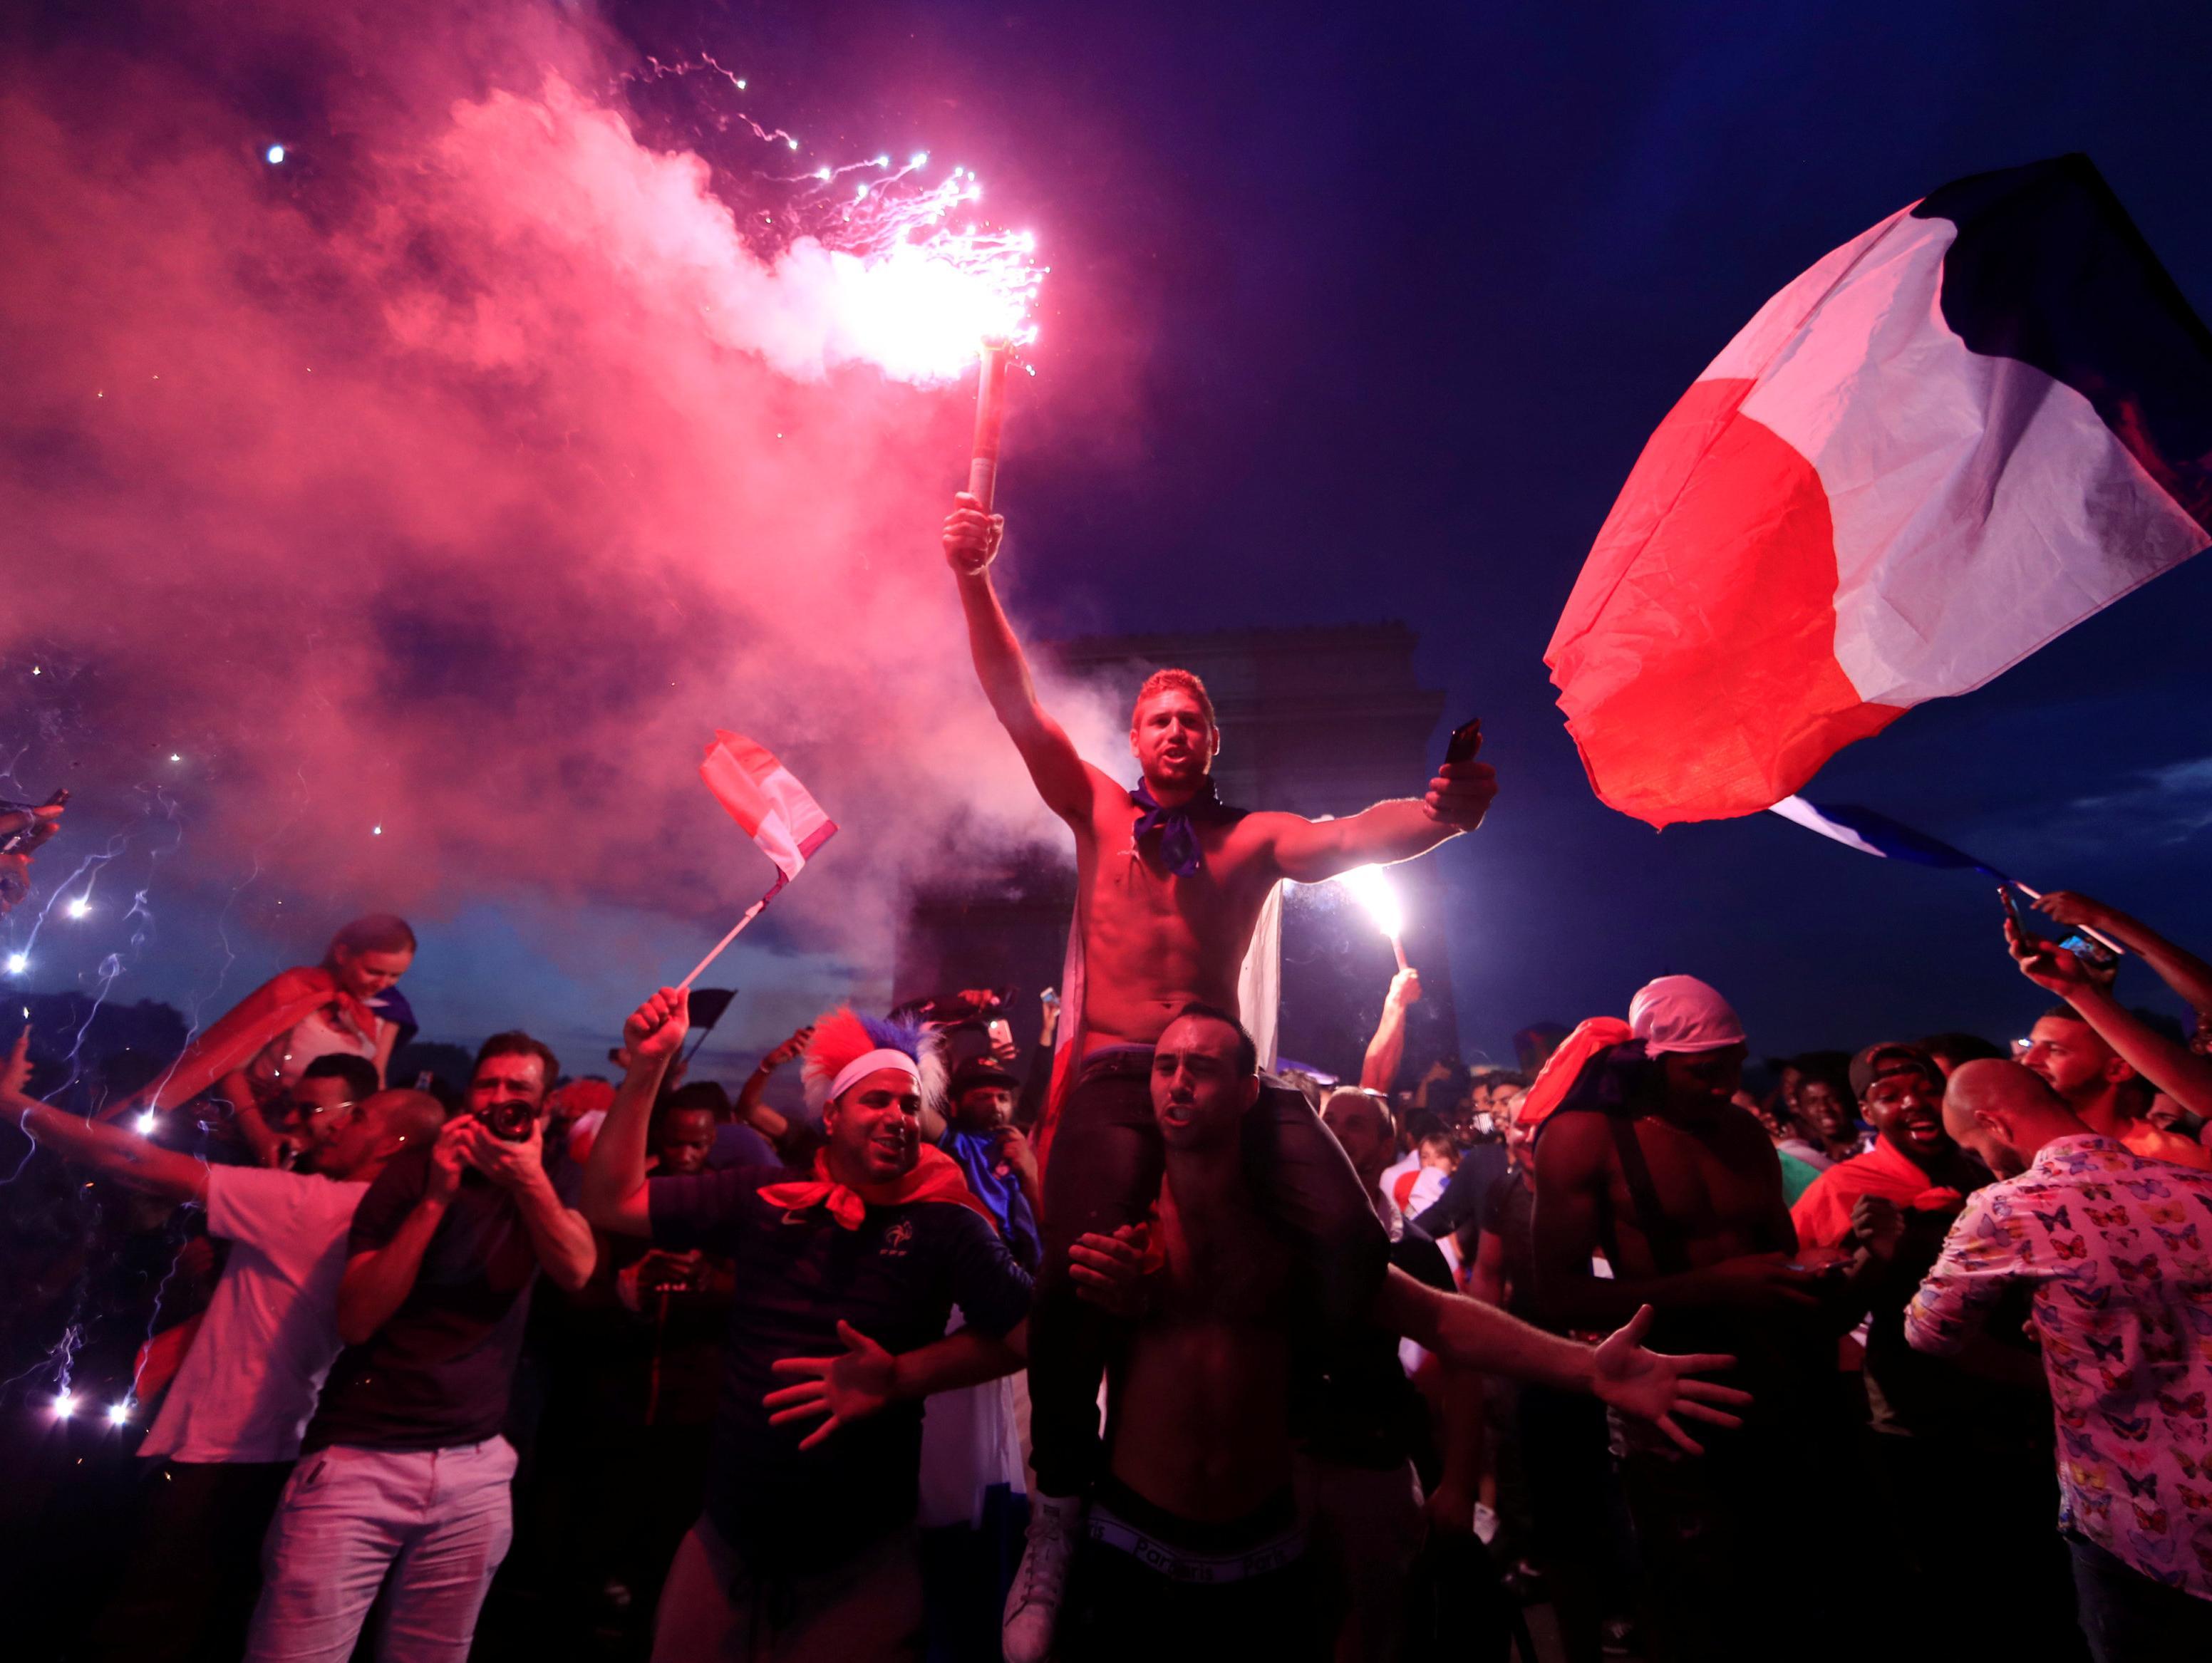 20 שנות לימוד: המבחן האמיתי של צרפת רק מתחיל